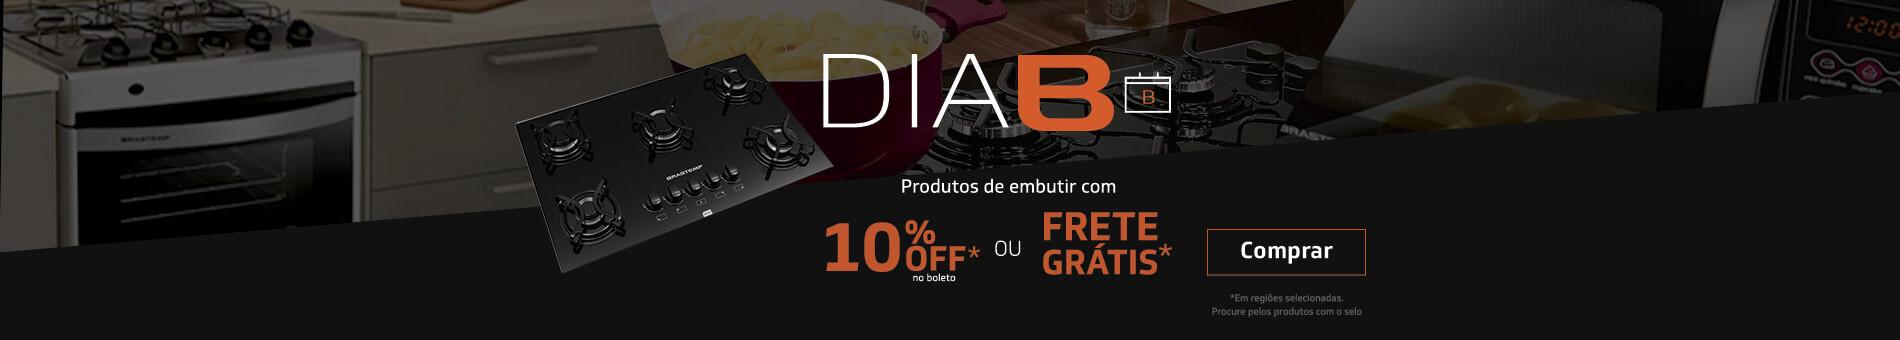 Promoção Interna - 1023 - diab_embutir_home3_26102016 - embutir - 3